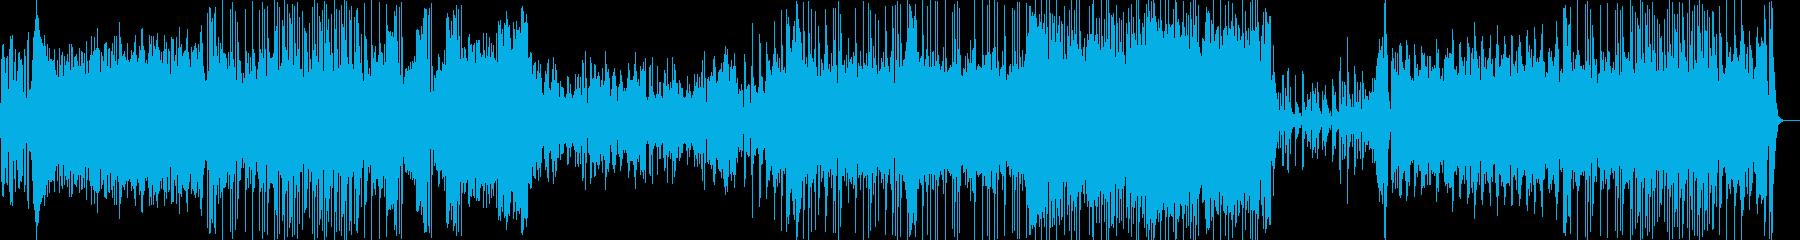 上品でかわいいファンタジーワルツの再生済みの波形